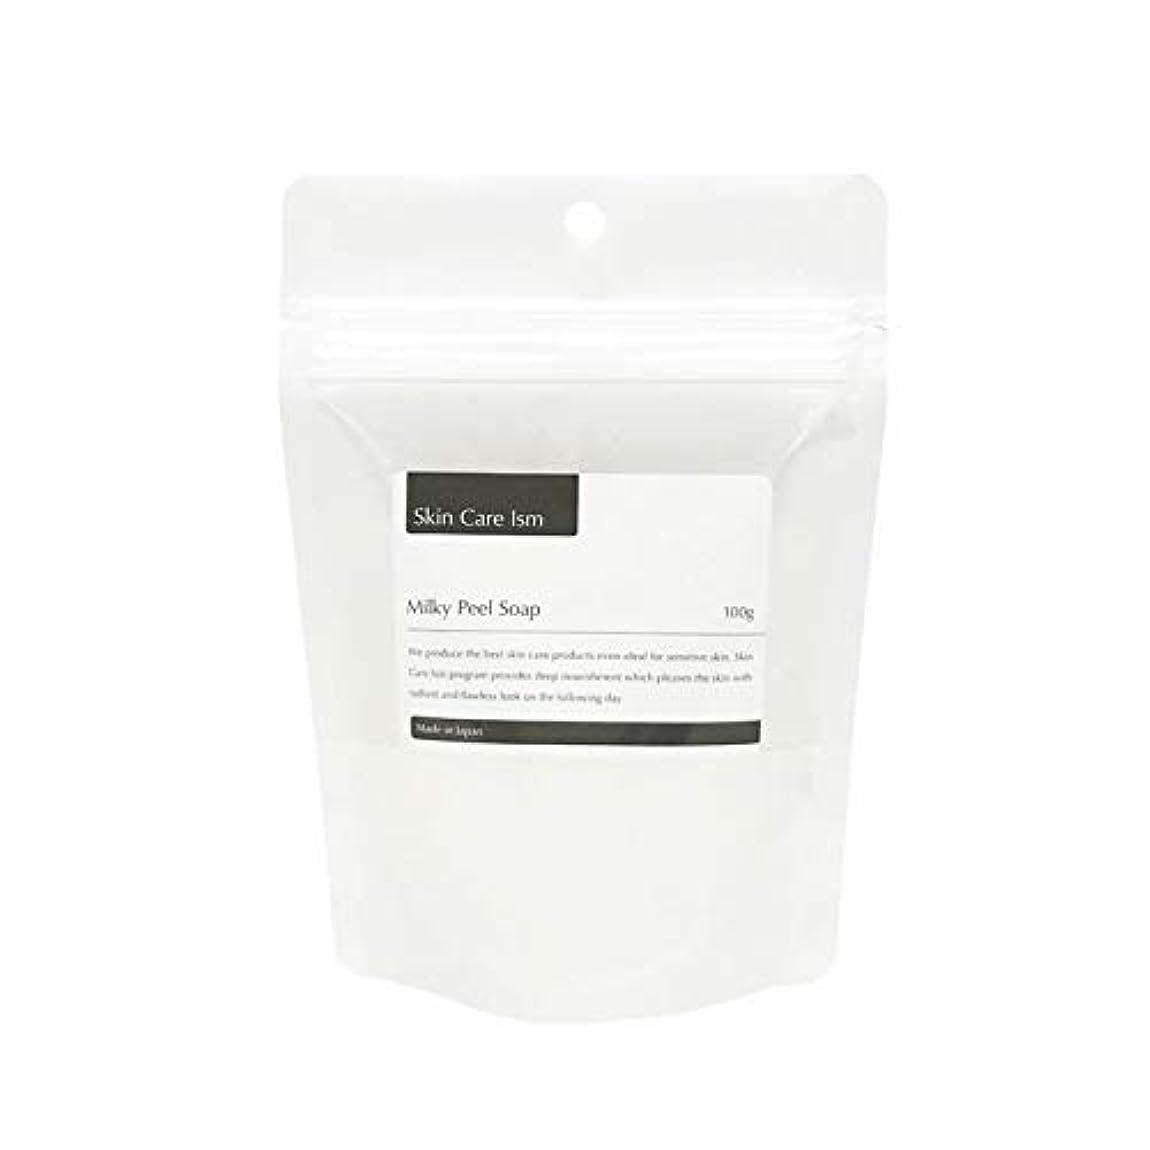 残り物悪化させる消える【Skin Care Ism / Milky Peel Soap】スキンケアイズム?ミルキーピールソープ